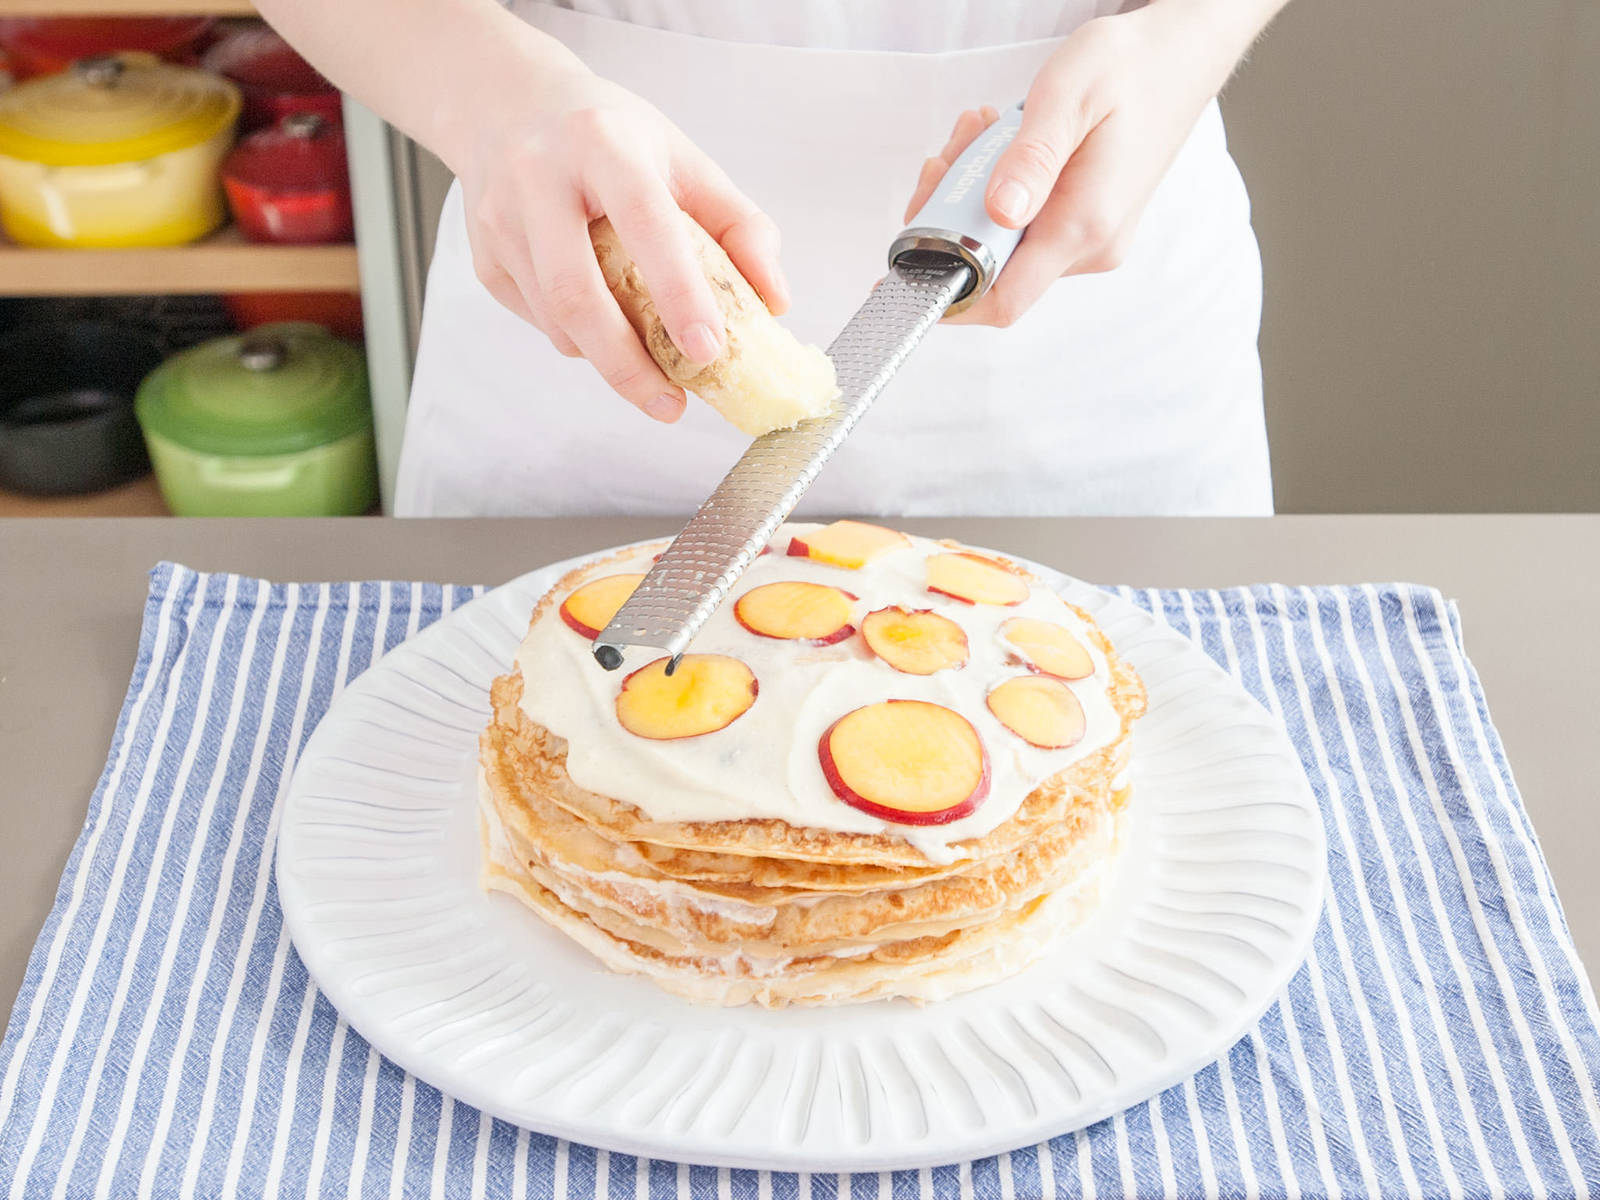 制作蛋糕。用蔬菜刨片器将油桃削成薄片。在盘中铺一层可丽饼,铺上大约50毫升的卡仕达酱,再铺一层可丽饼。重复此过程,直至用完可丽饼。将最好看的一张饼铺在最上面。每四层可丽饼铺一层油桃片和少许细姜调味。